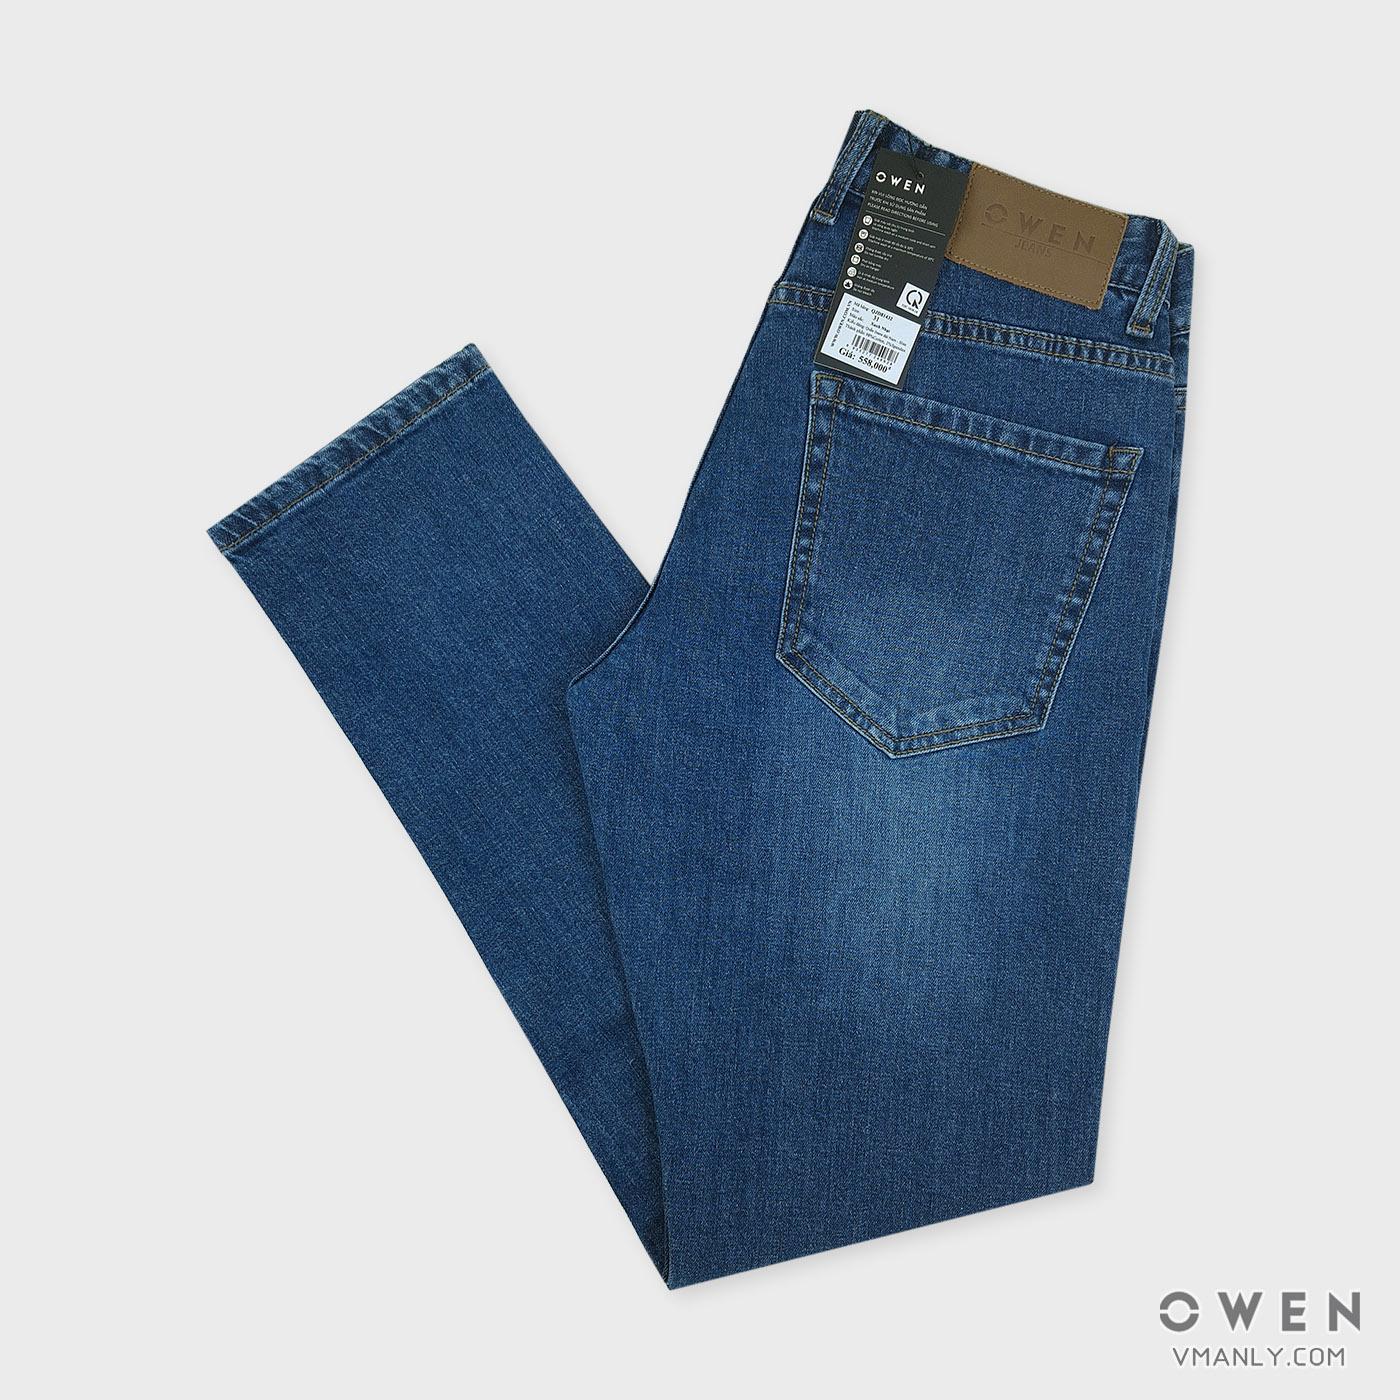 Quần Jeans nam Owen - OJeans ống côn màu xanh nhạt QJD81432